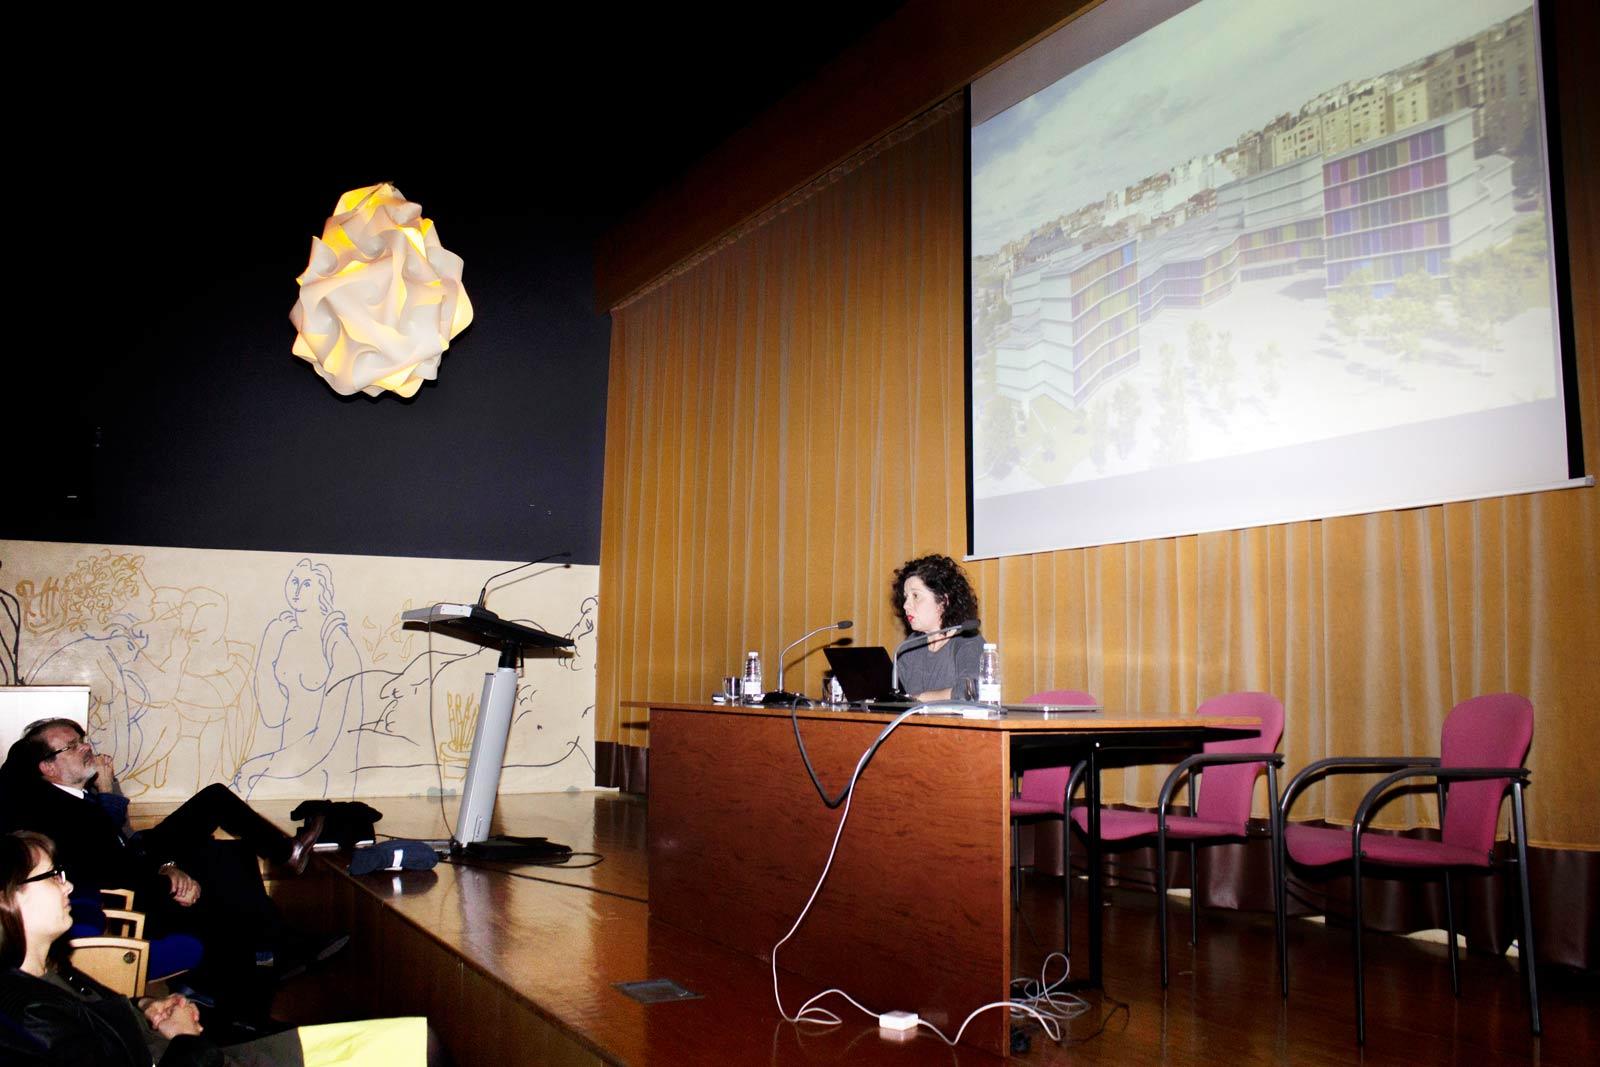 Presentación del nuevoMáster en Diseño eInnovación de Calzadoy conferencia de Angélica Barco.